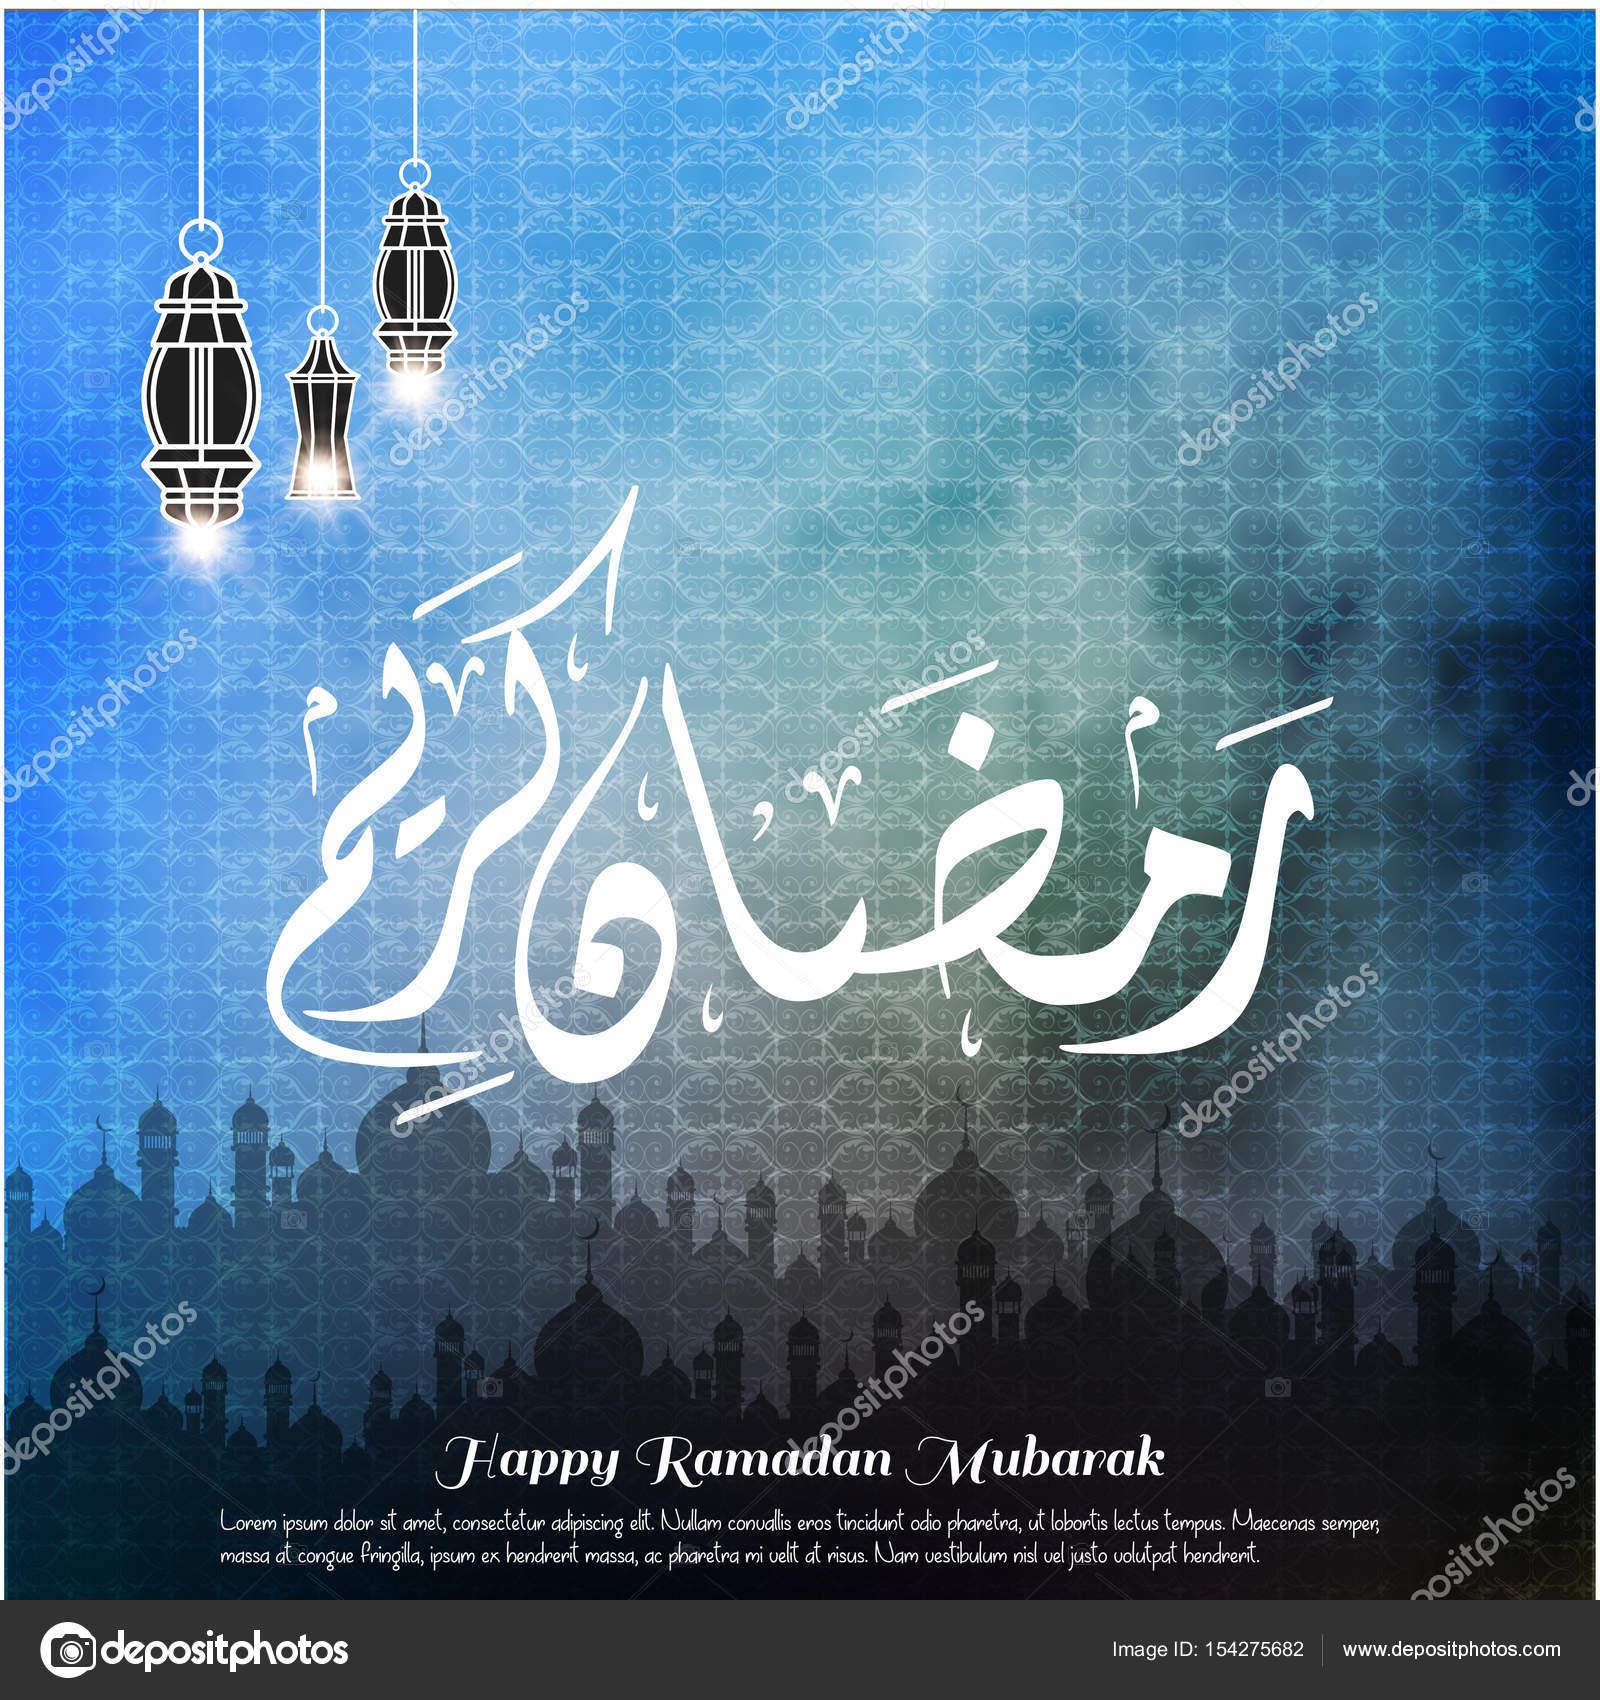 Ramadan mubarak greeting card stock vector ibrandify 154275682 ramadan mubarak greeting card stock vector m4hsunfo